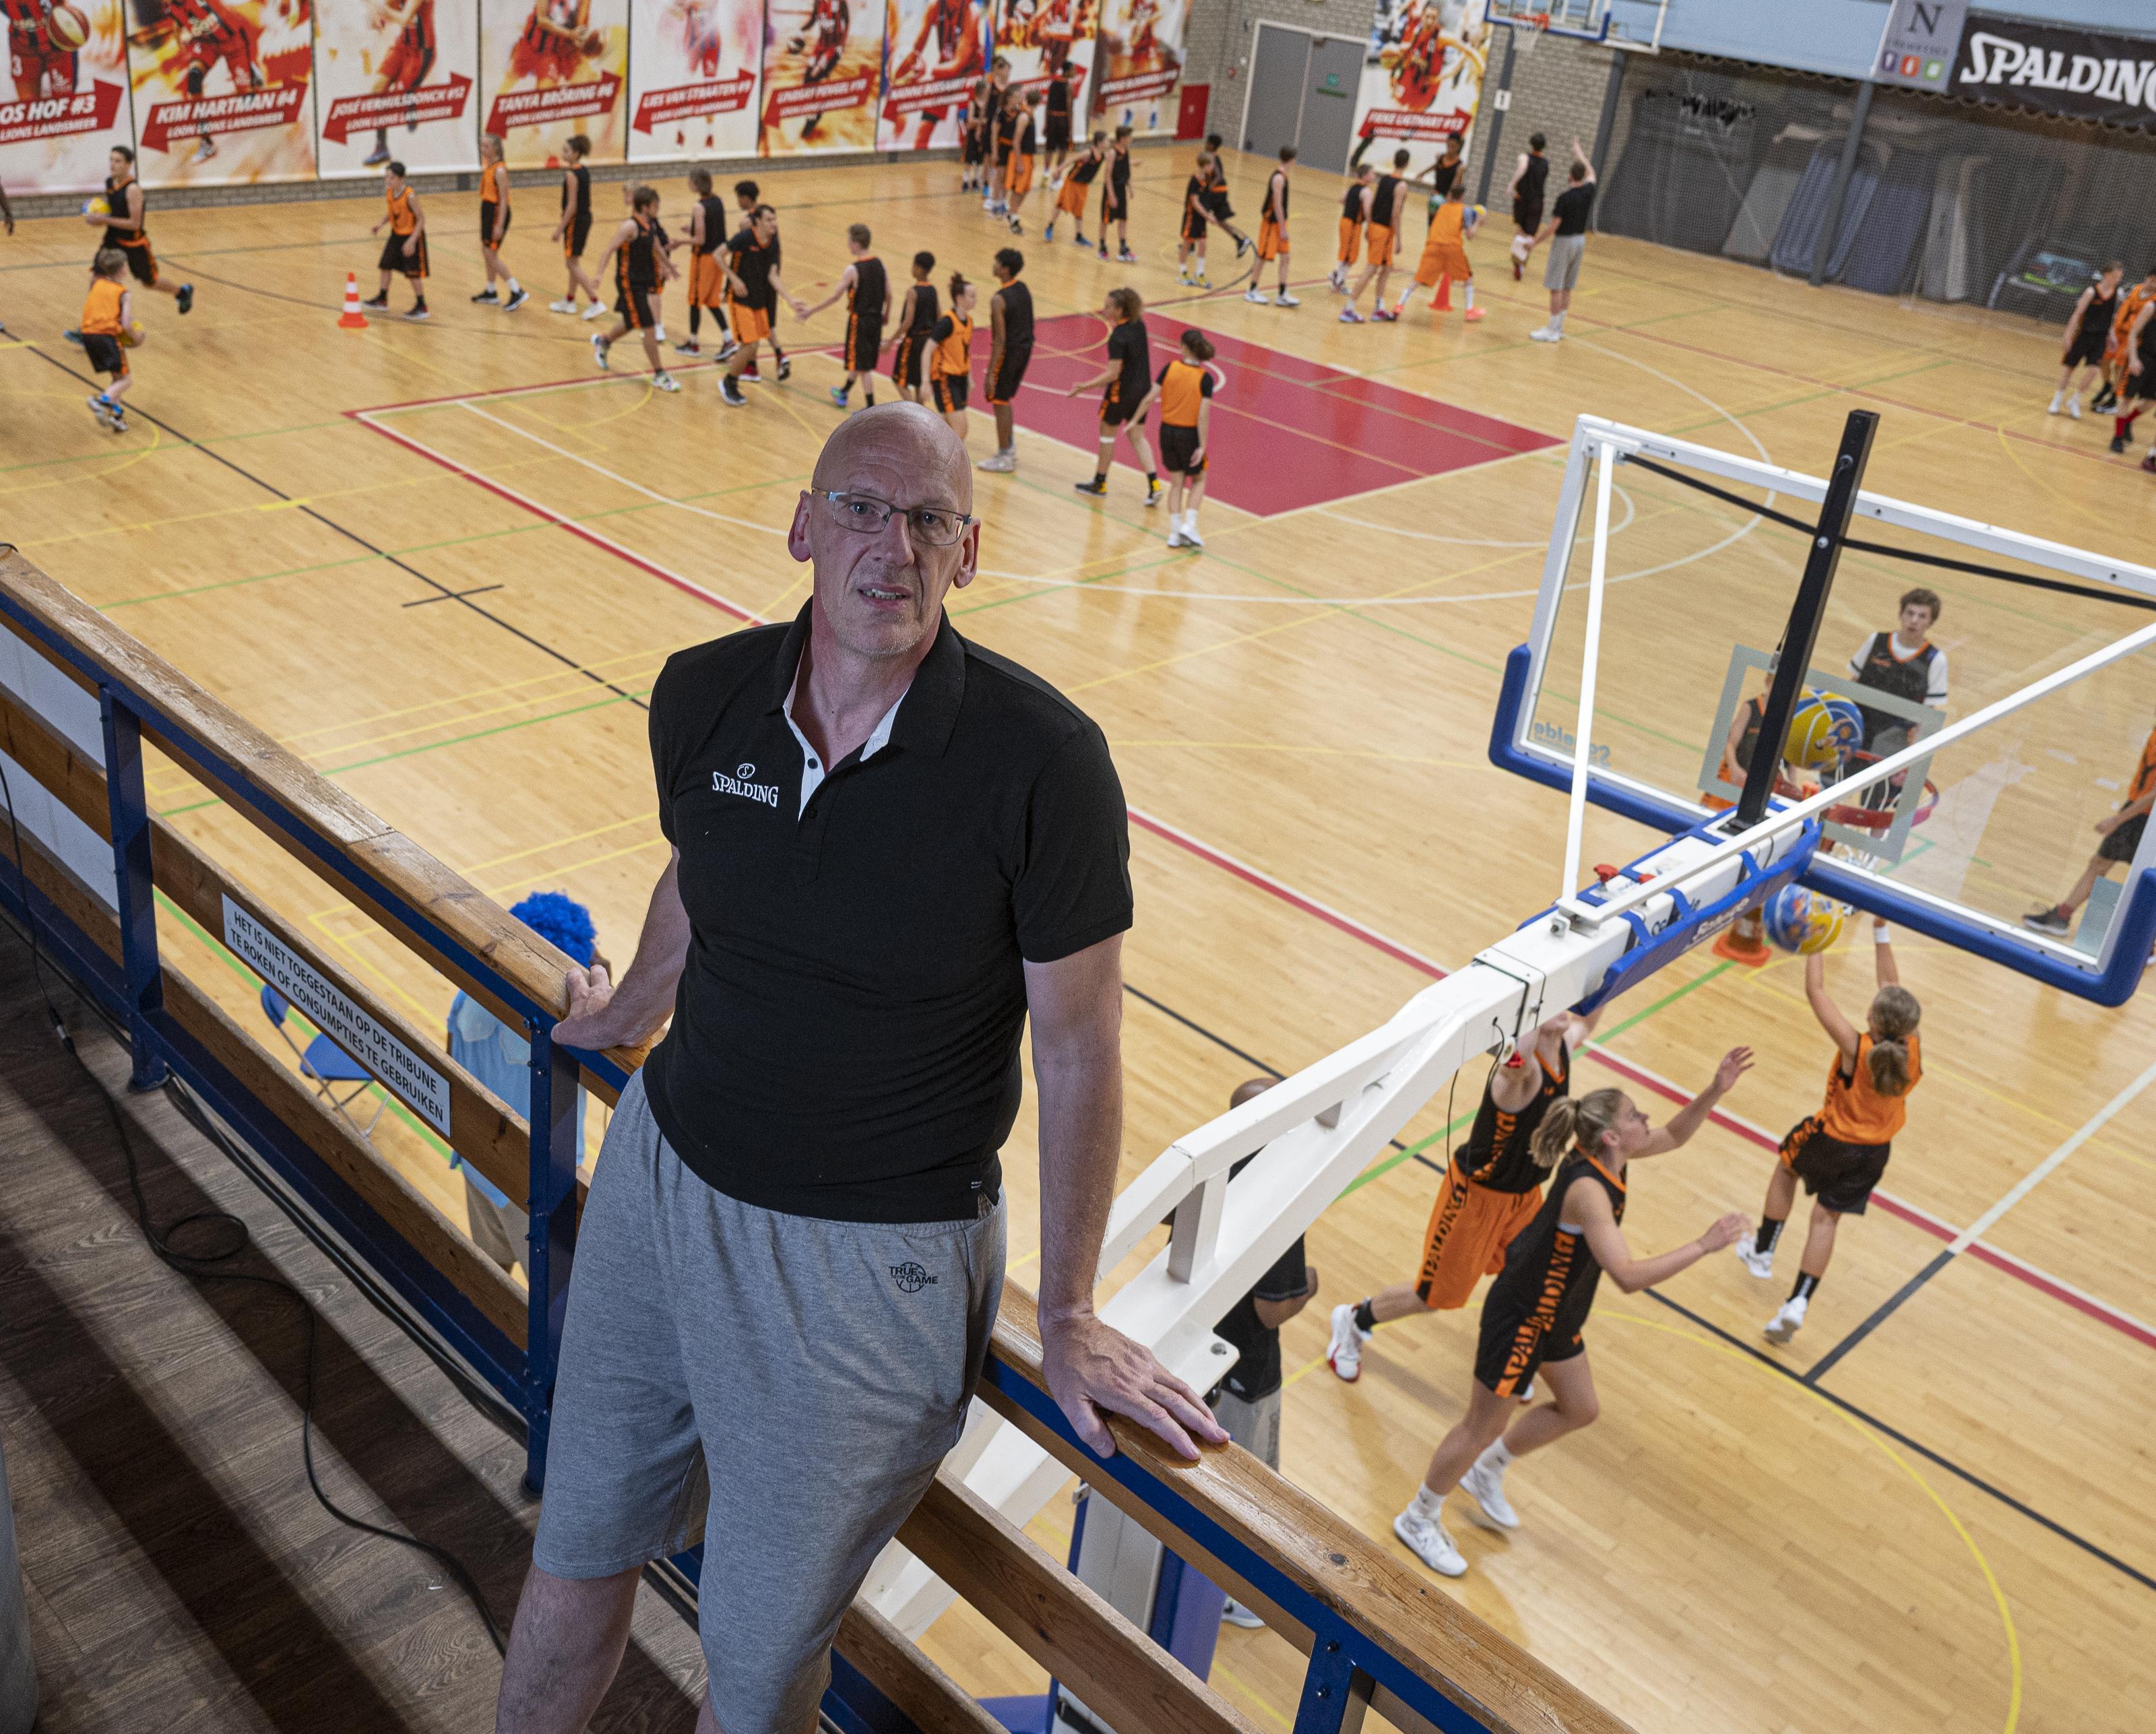 Basketbalkamp ook in coronatijd voedingsbodem voor eredivisie. Leiding moest in bubbel wel zelf naar de supermarkt